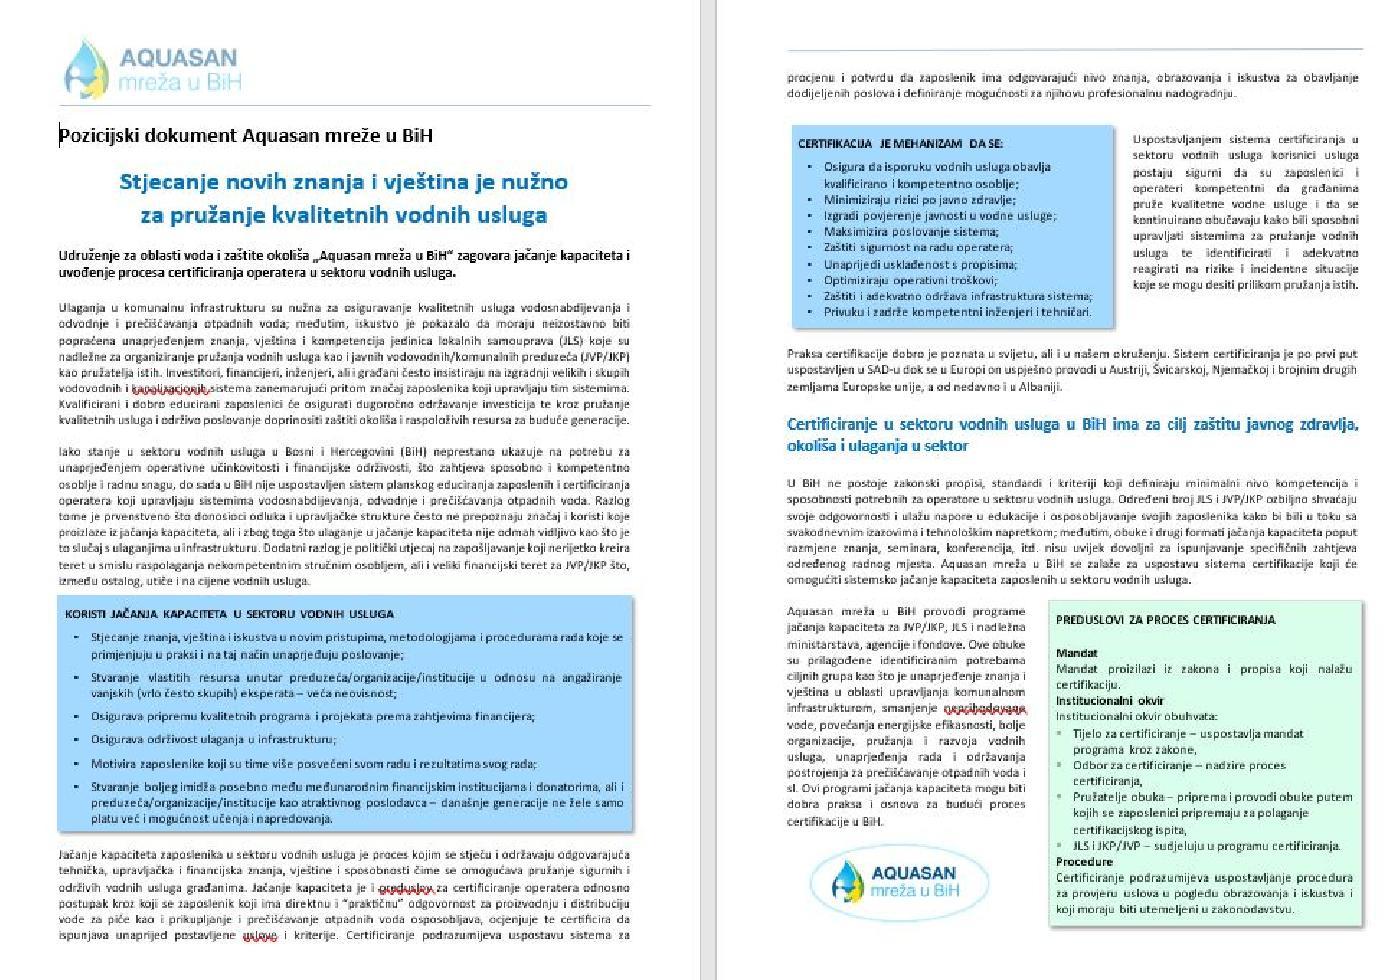 Stjecanje novih znanja i vještina je nužno za pružanje kvalitetnih vodnih usluga - Pozicijski dokument Aquasan mreže u BiH